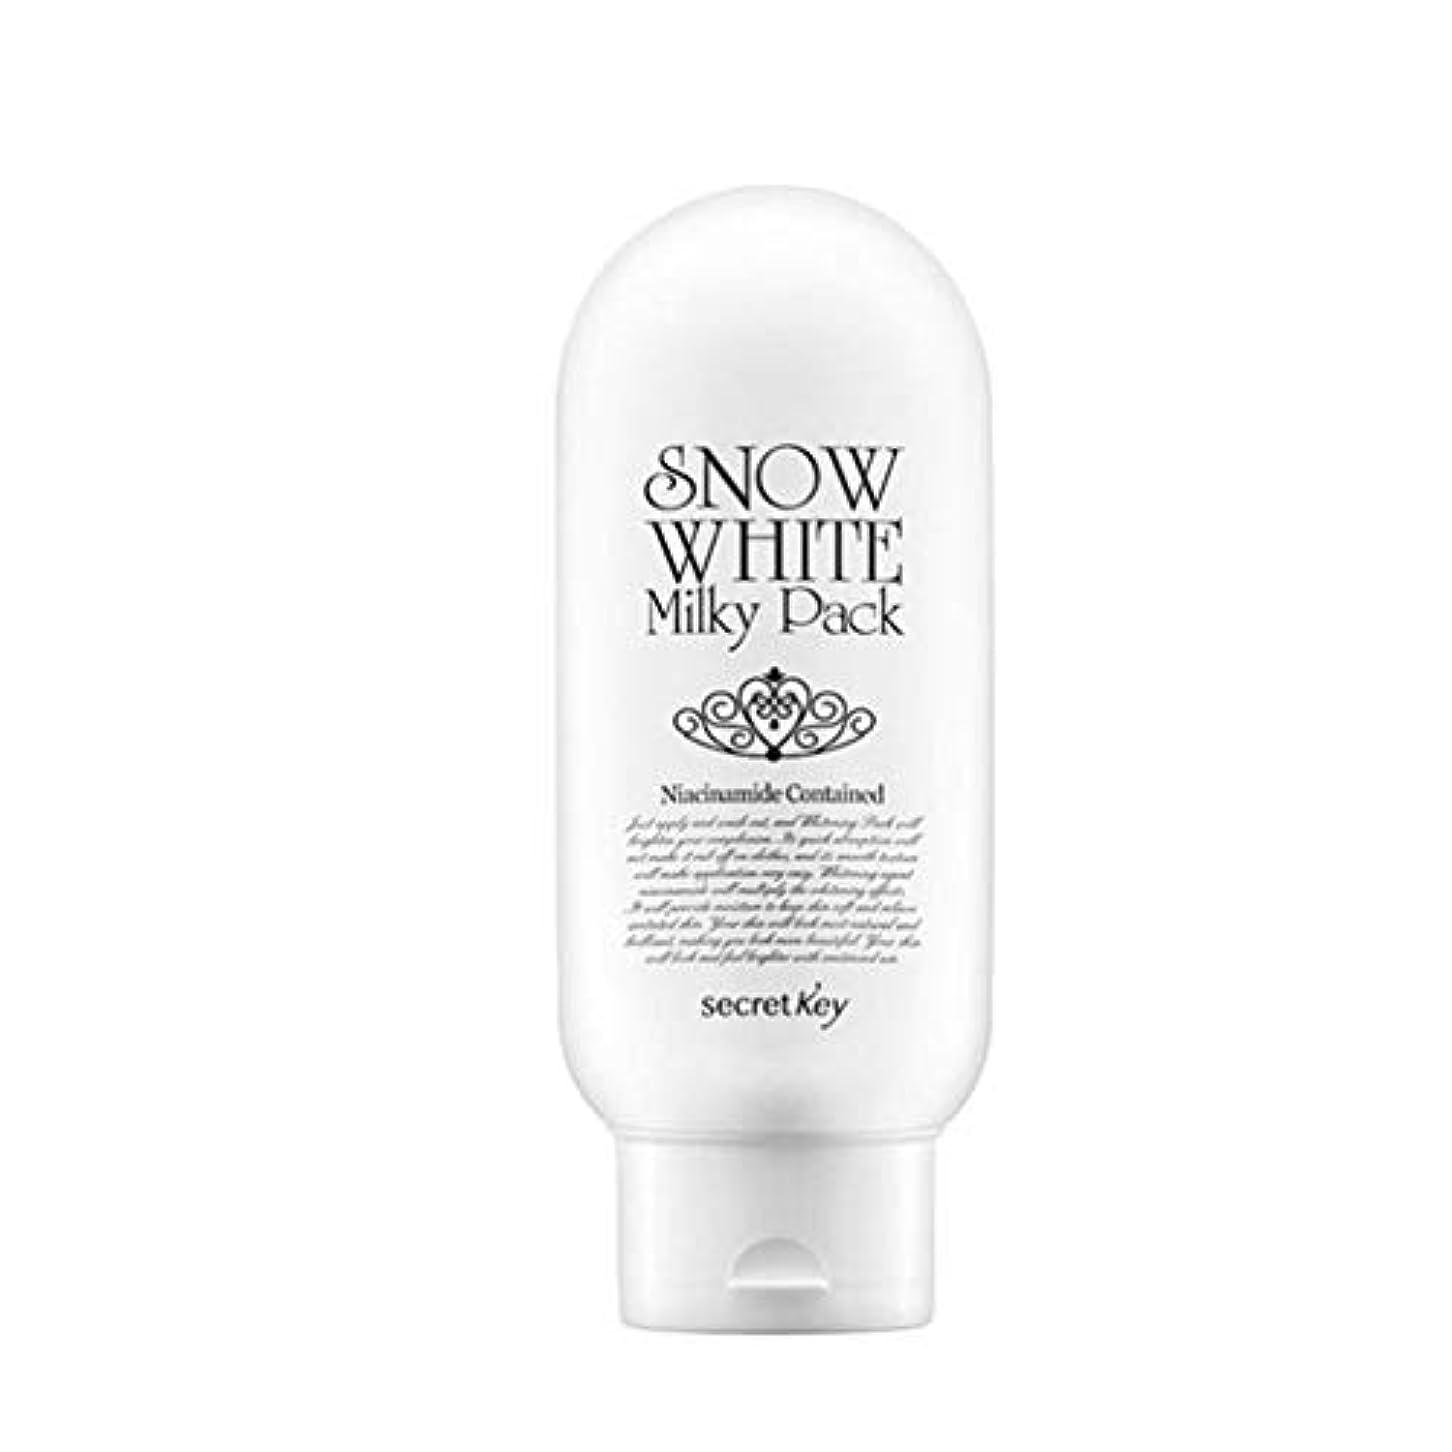 ポーククリーナー嵐シークレットキースノーホワイトミルキーパック200g韓国コスメ、Secret Key Snow White Milky Pack 200g Korean Cosmetics [並行輸入品]